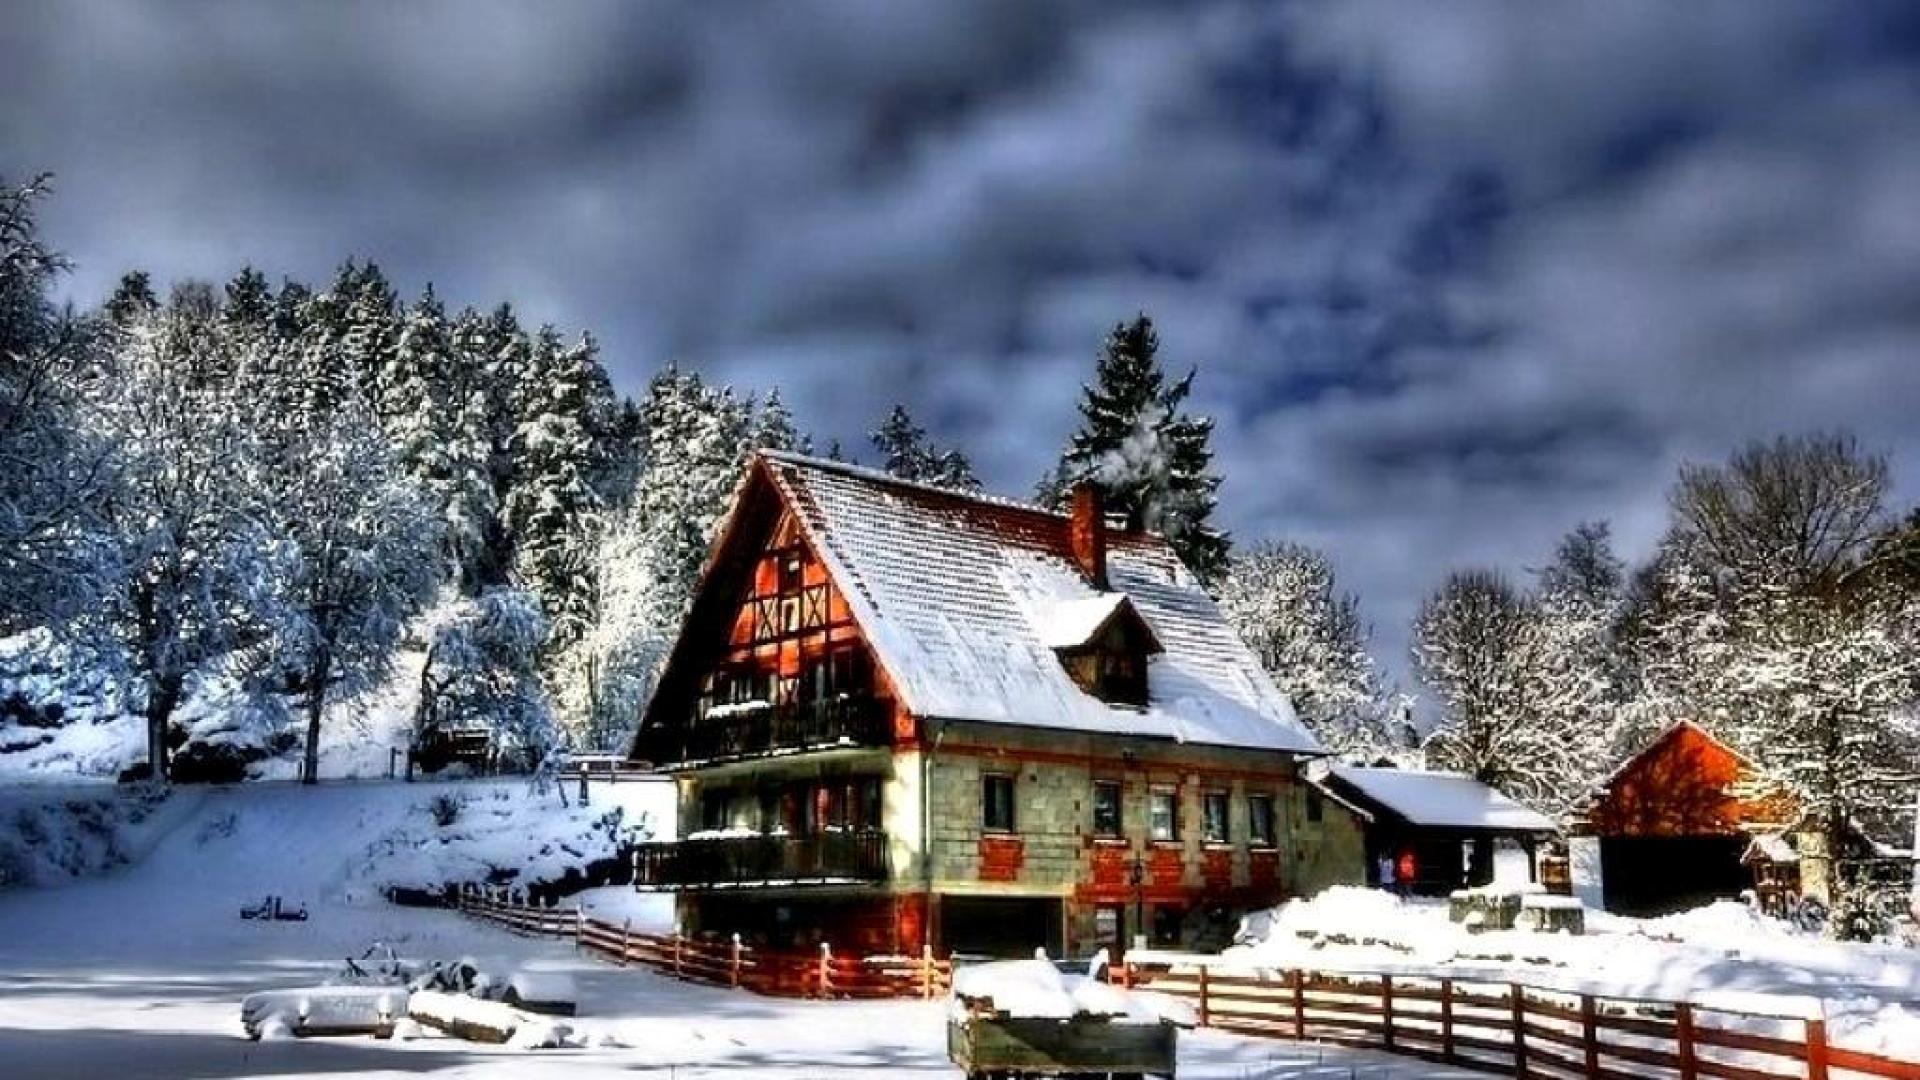 winter cabin wallpaper for desktop wallpapersafari